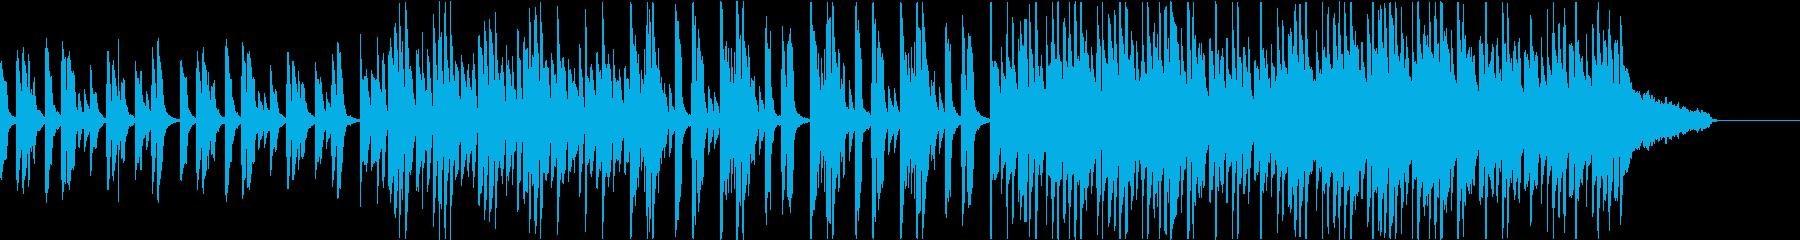 可愛らしくて軽快なポップスソングの再生済みの波形